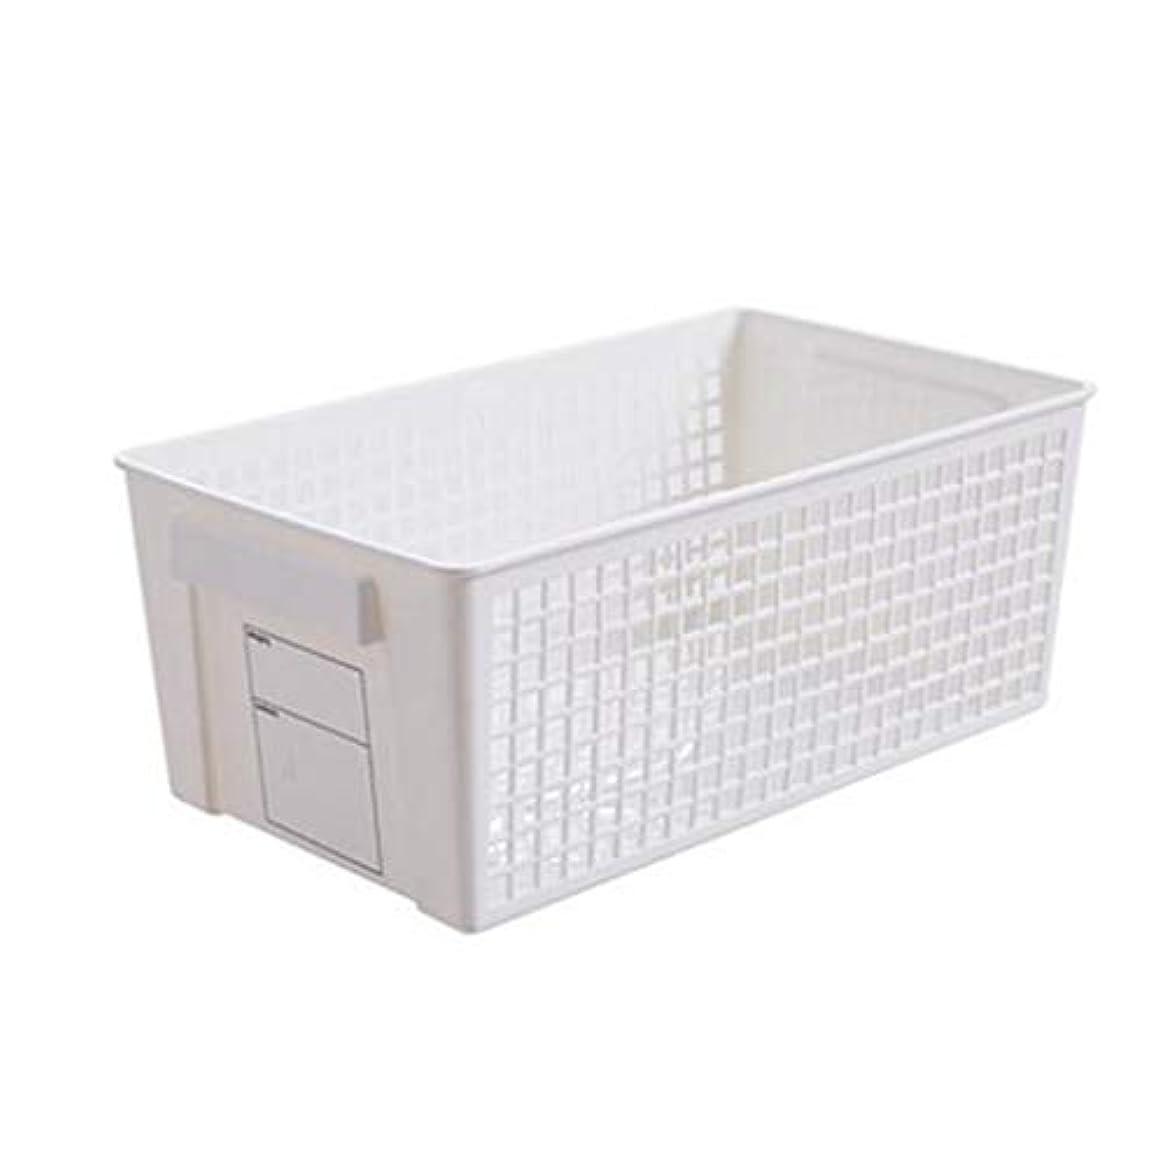 石のパーツすぐにSMMRB ラベルプラスチック収納バスケットデスクトップスナック収納バスケットキッチン収納バスケットバスルーム収納ボックスバスケット (色 : 白, サイズ さいず : S s)